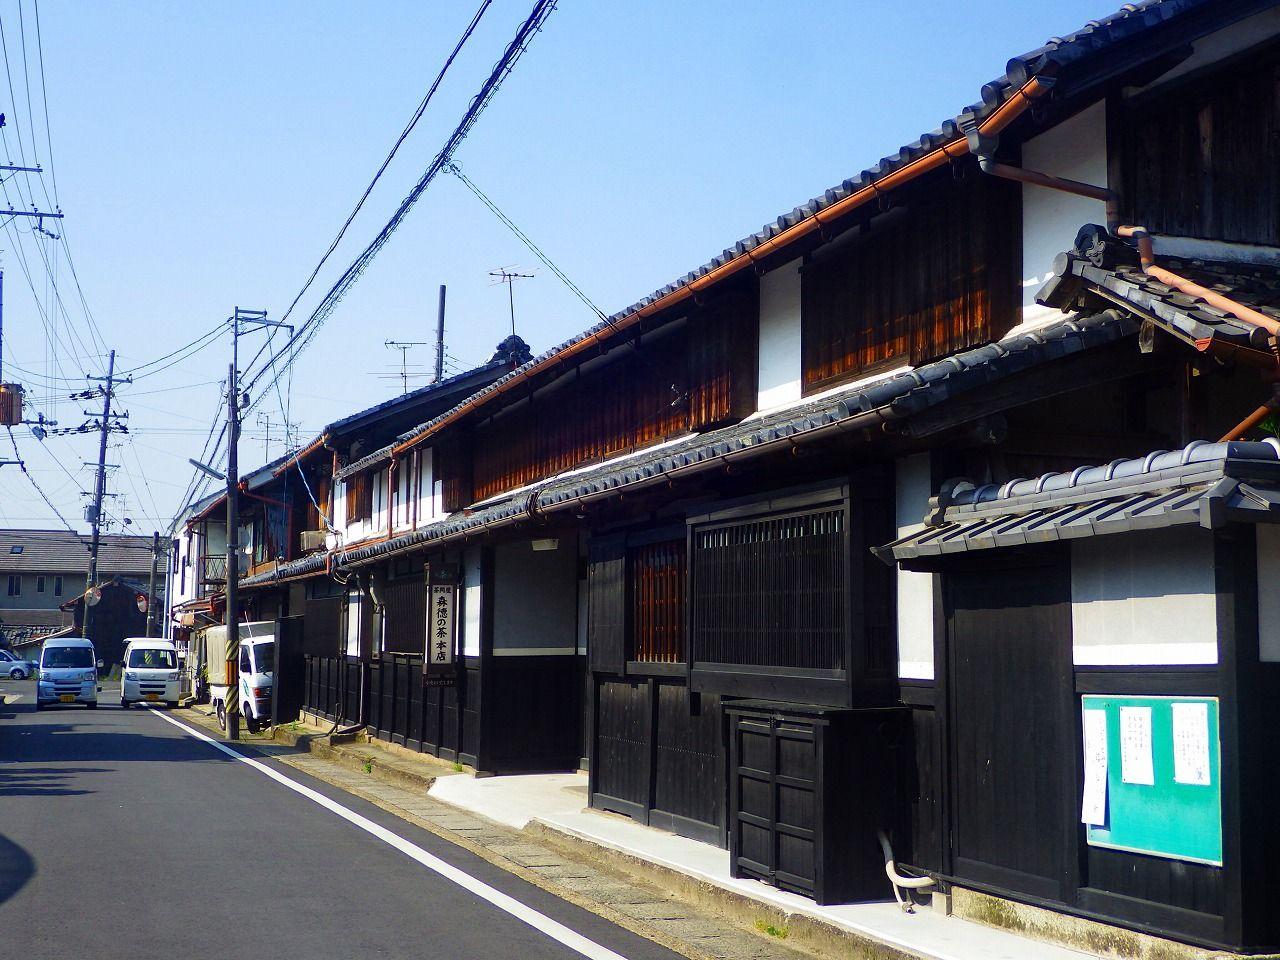 宇治茶流通の歴史を紐解く!茶問屋が並ぶ奈良街道の景観